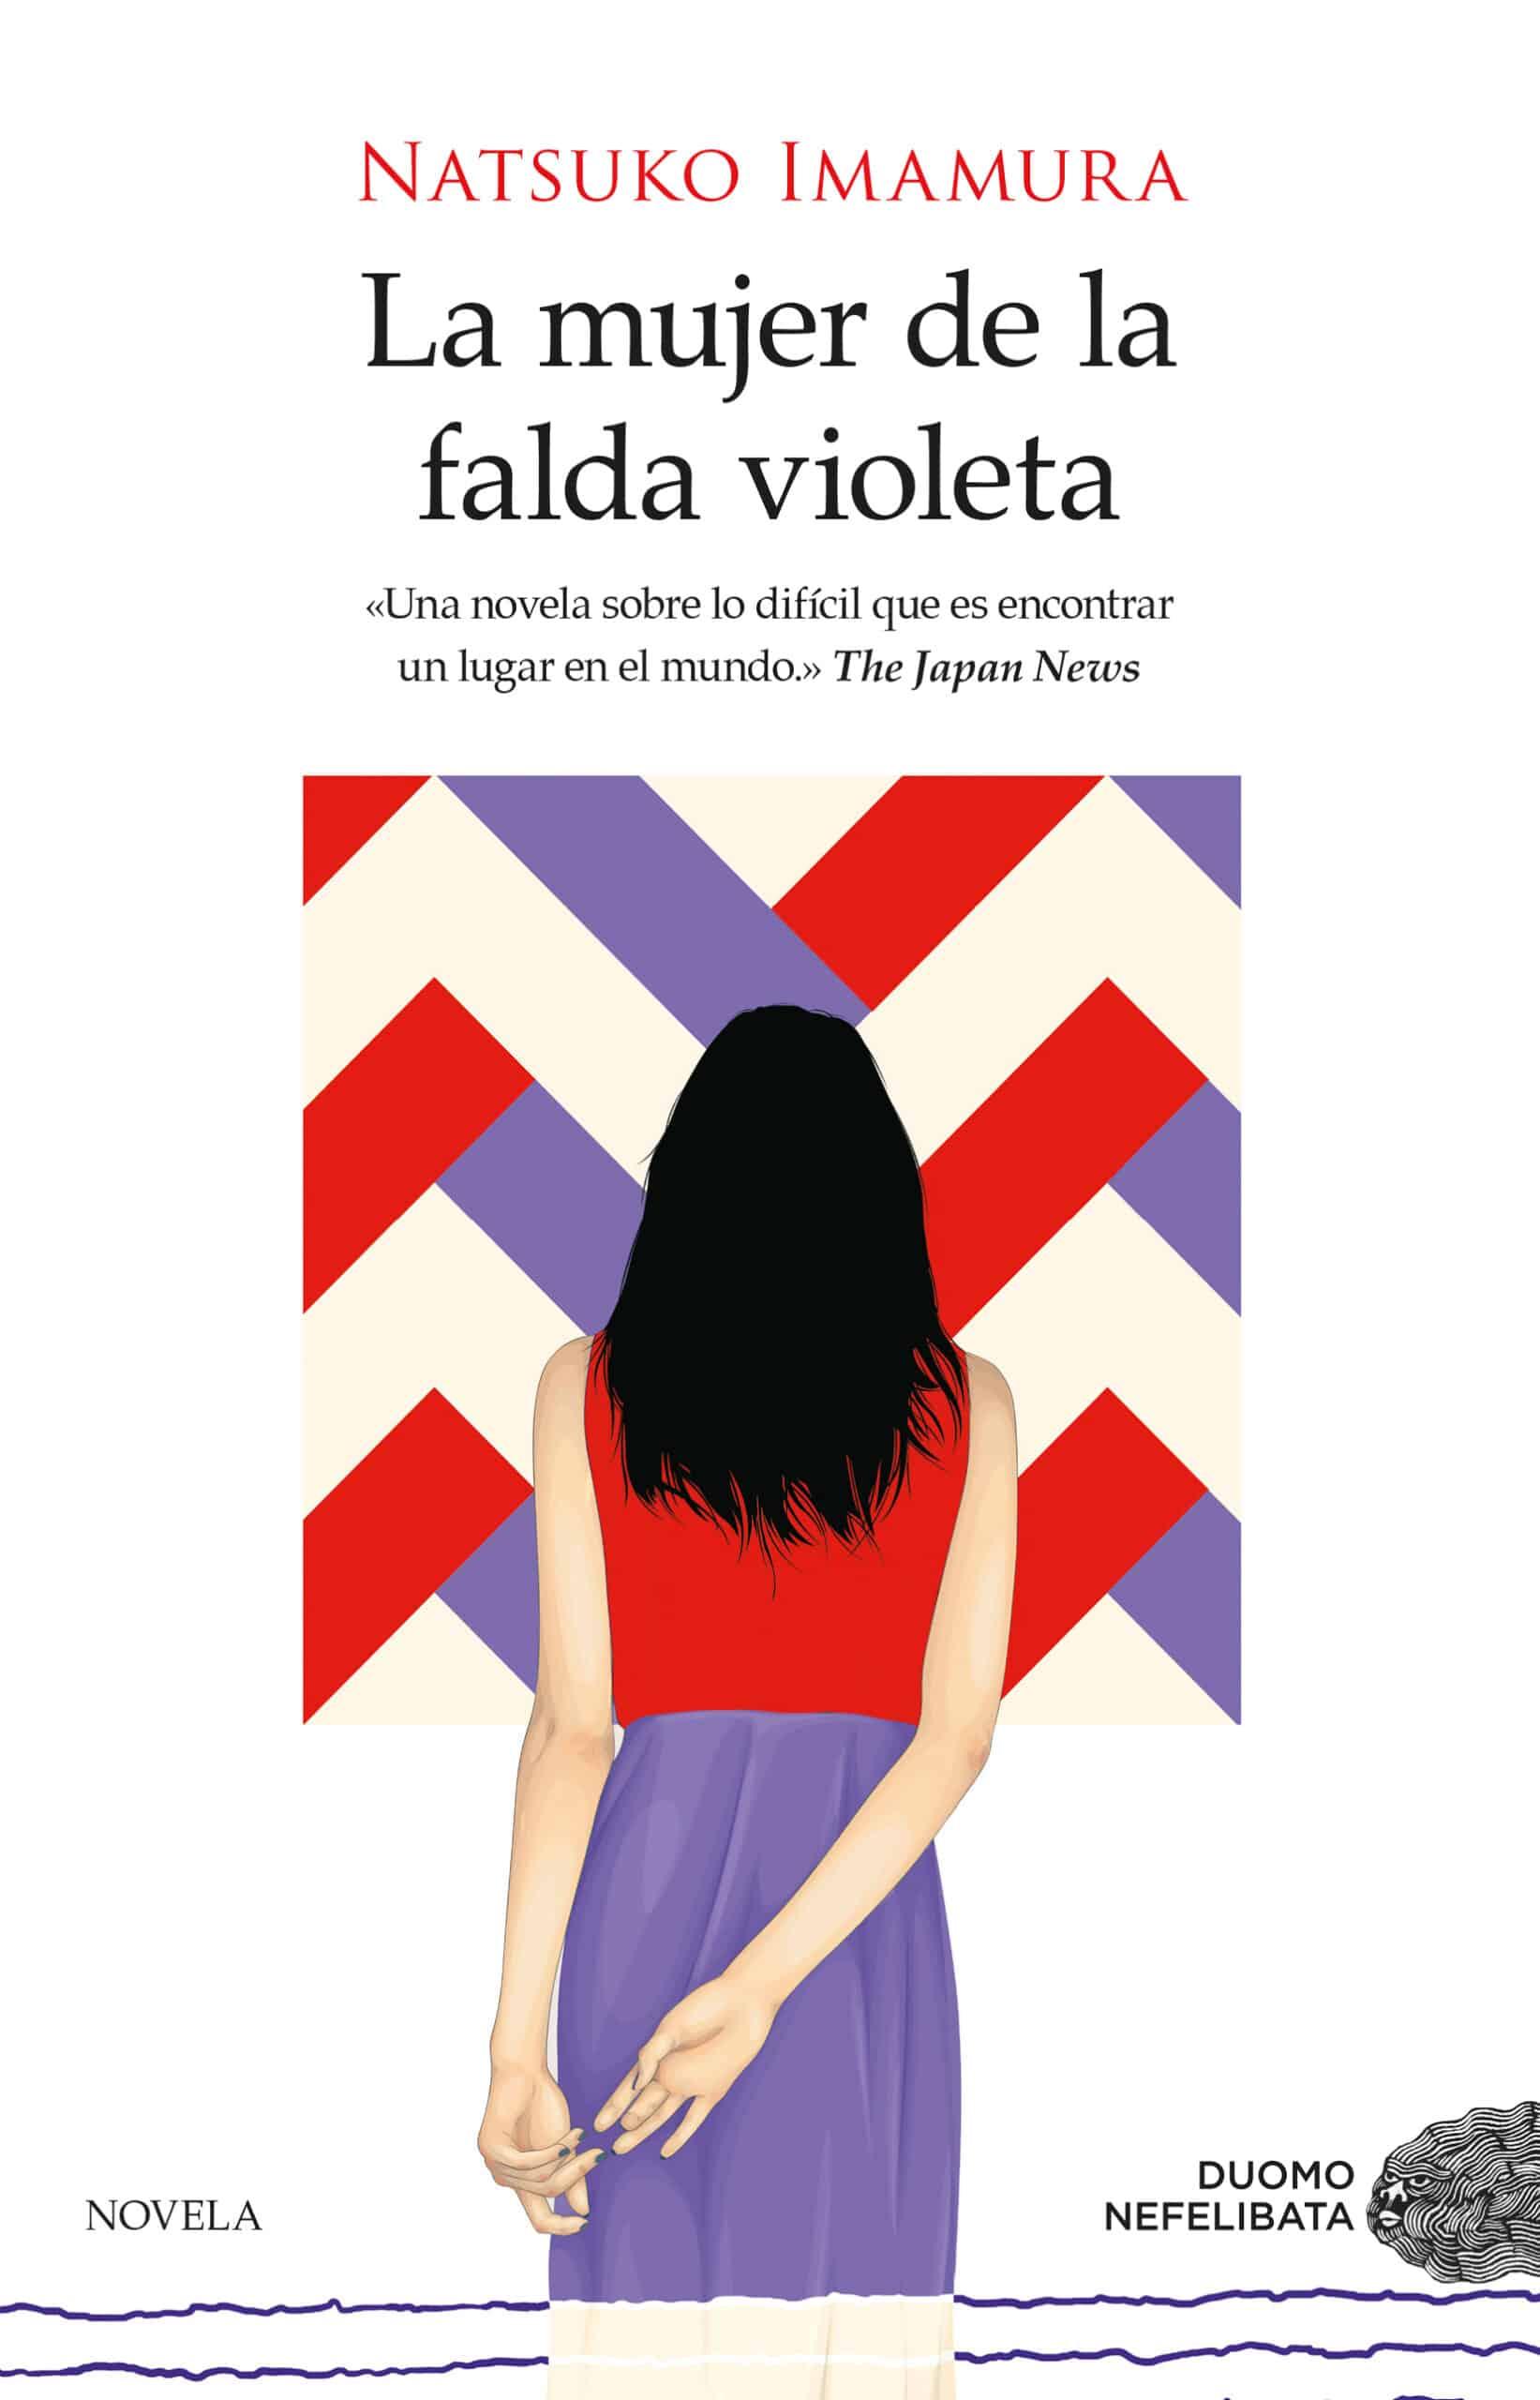 'LA MUJER DE LA FALDA VIOLETA', de Natsuko Imamura